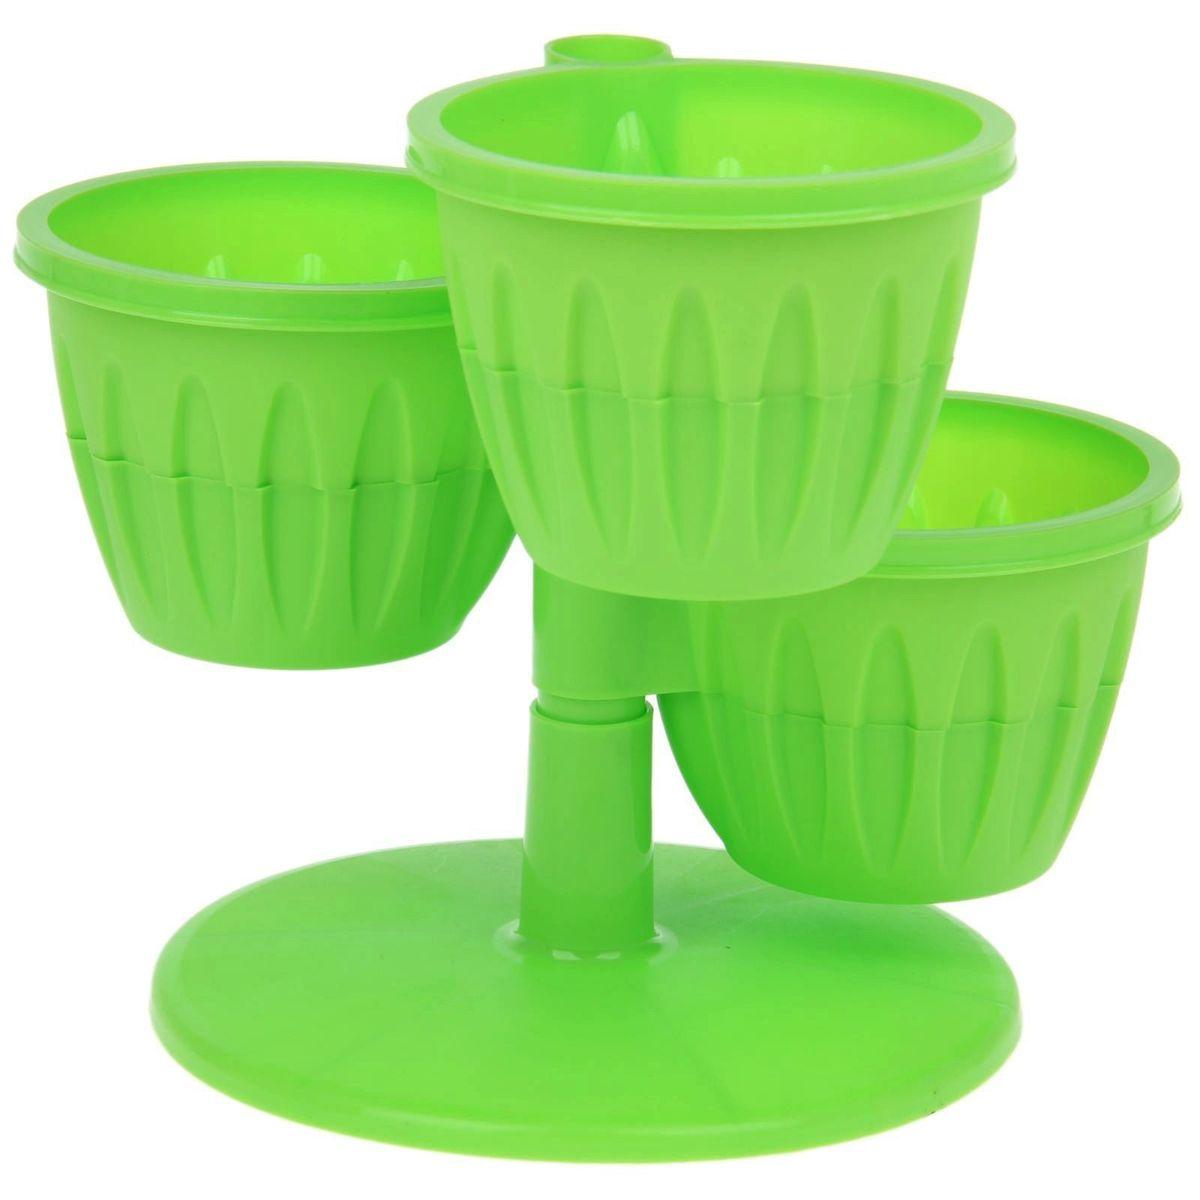 Каскад цветочный JetPlast Каскад, с подставкой, цвет: зеленый, высота 23 см531-121Цветочный каскад JetPlast Каскад состоит из трех горшков, установленных на одну подставку. Каждый горшок состоит из двух частей: в верхнюю высаживается растение, а нижняя часть используется как резервуар для воды. Цветочный каскад позволяет вам эффективно использовать площадь подоконника для высадки растений.Высота каскада: 23 см. Диаметр горшка по верхнему краю: 13,5 см. Диаметр дна горшка: 7,8 см. Высота горшка: 10 см.